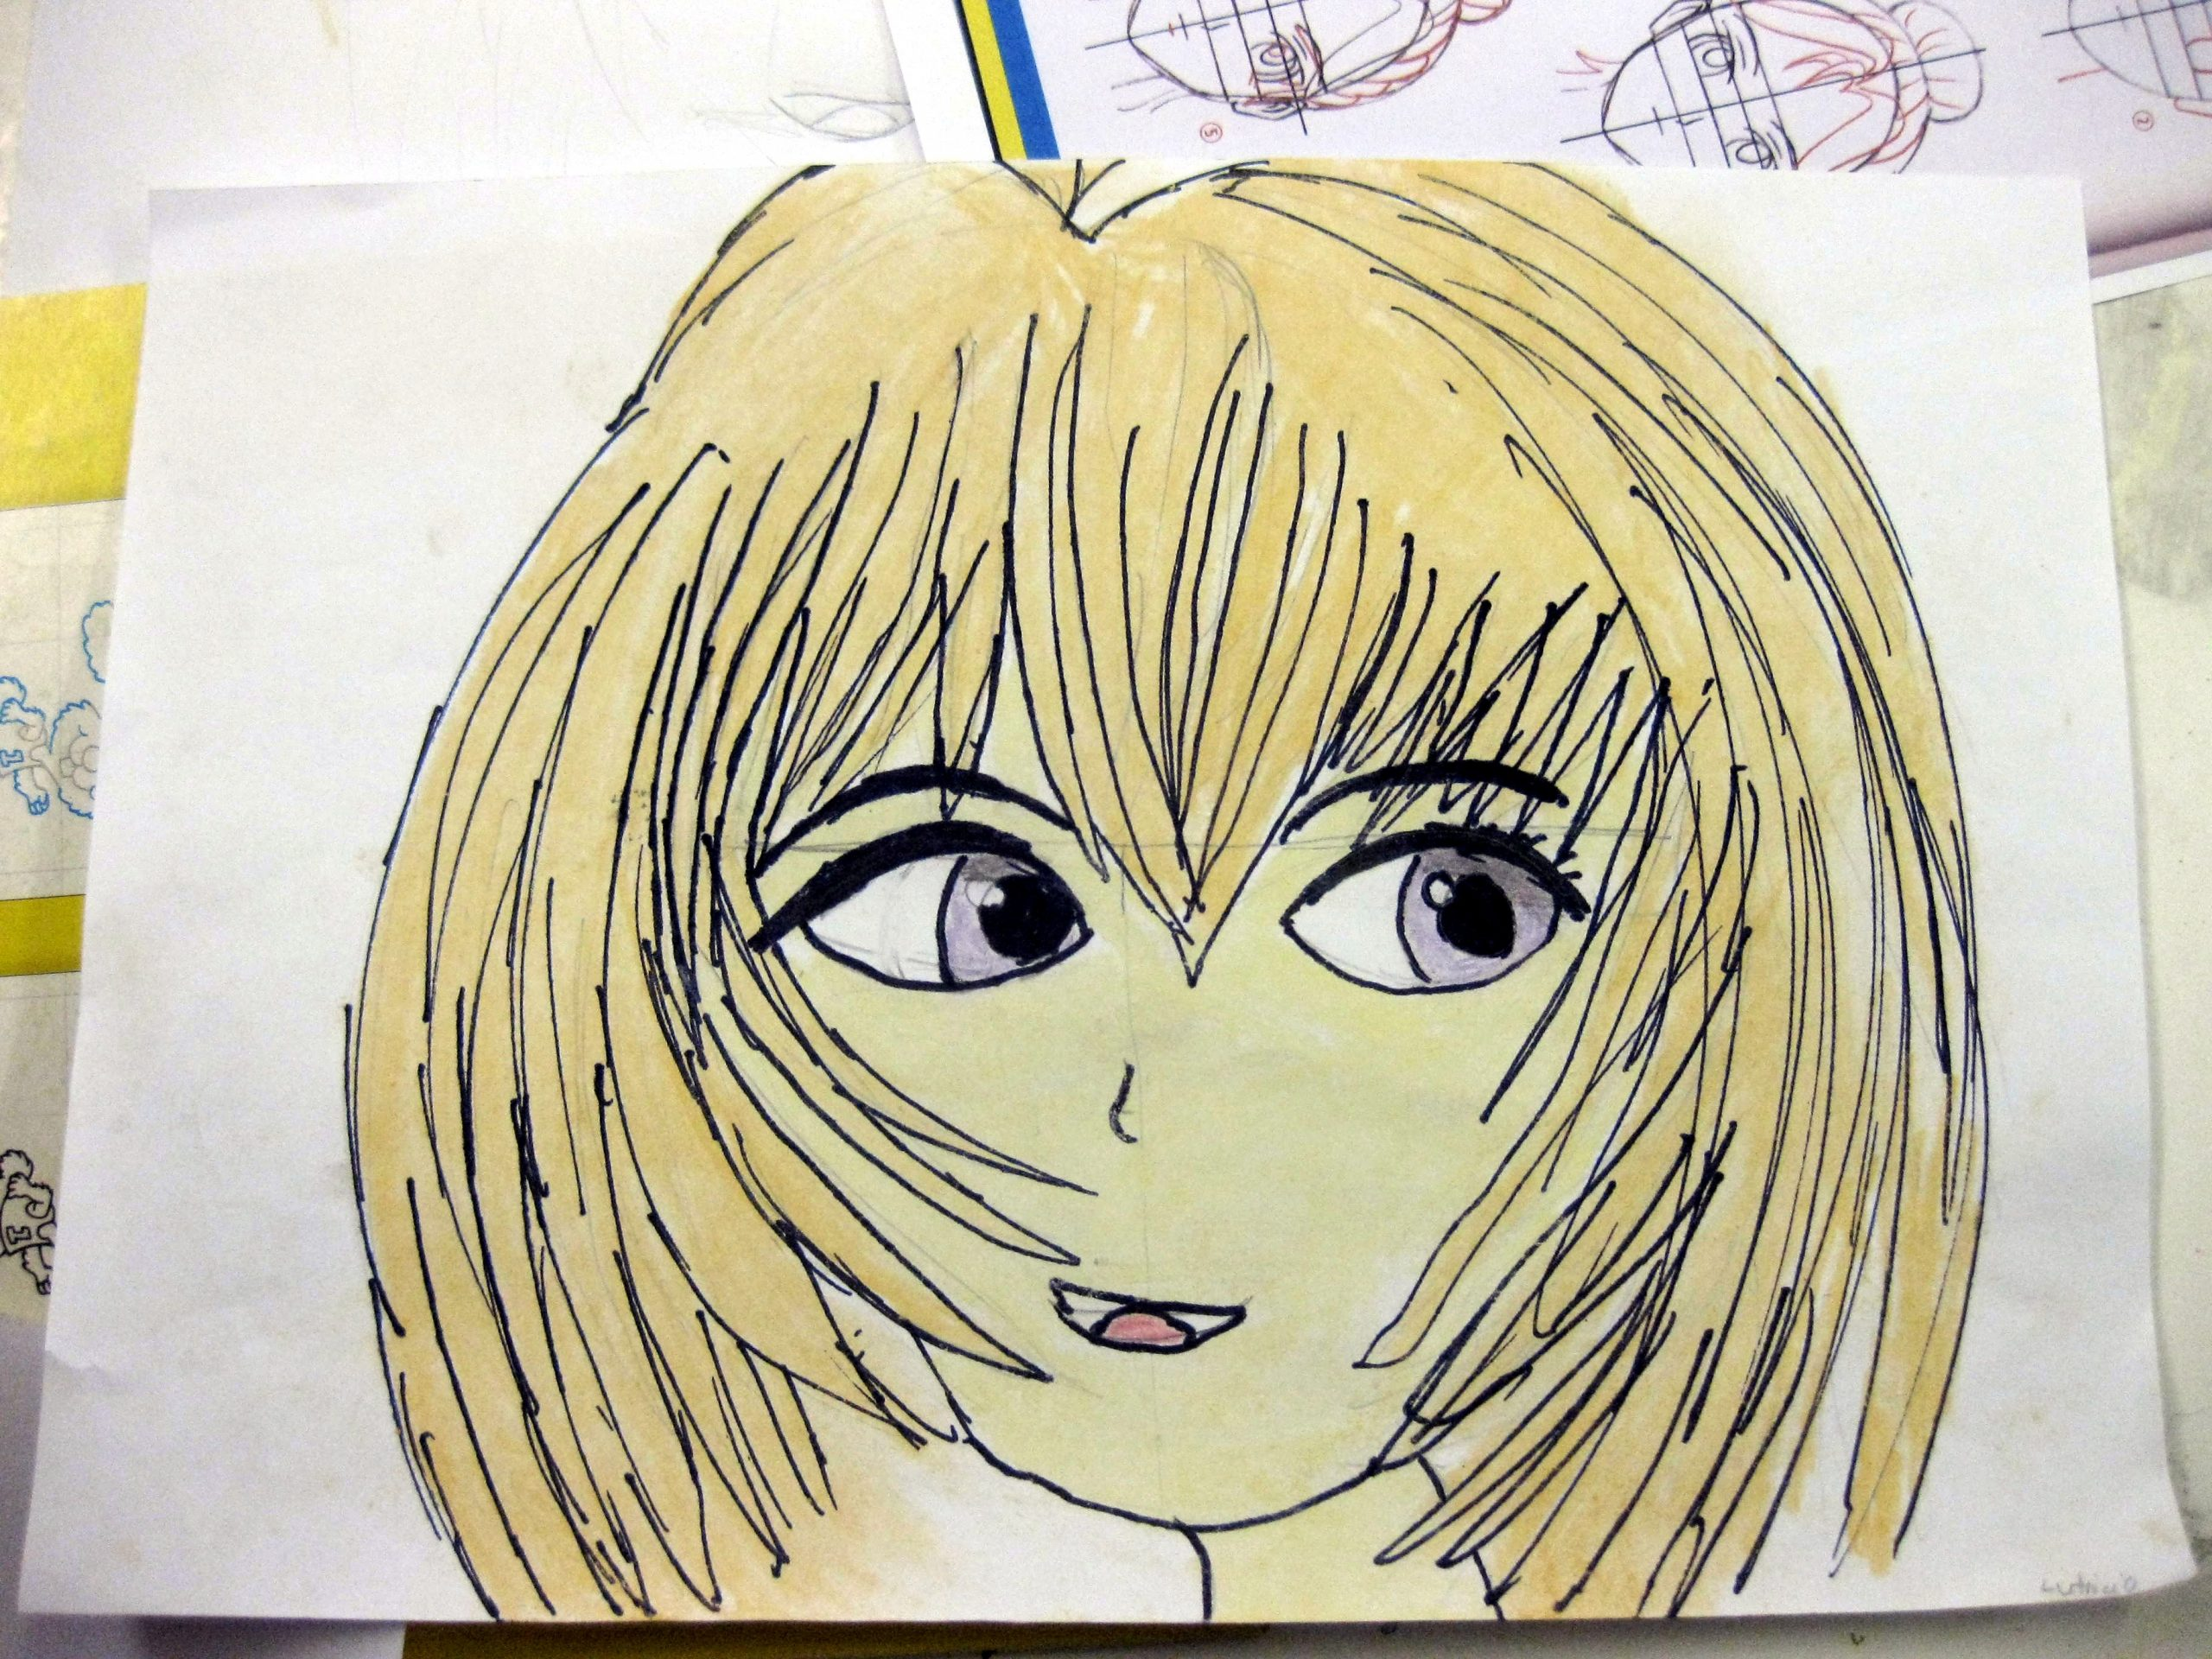 Ein Mädchen mit blonden Haaren.